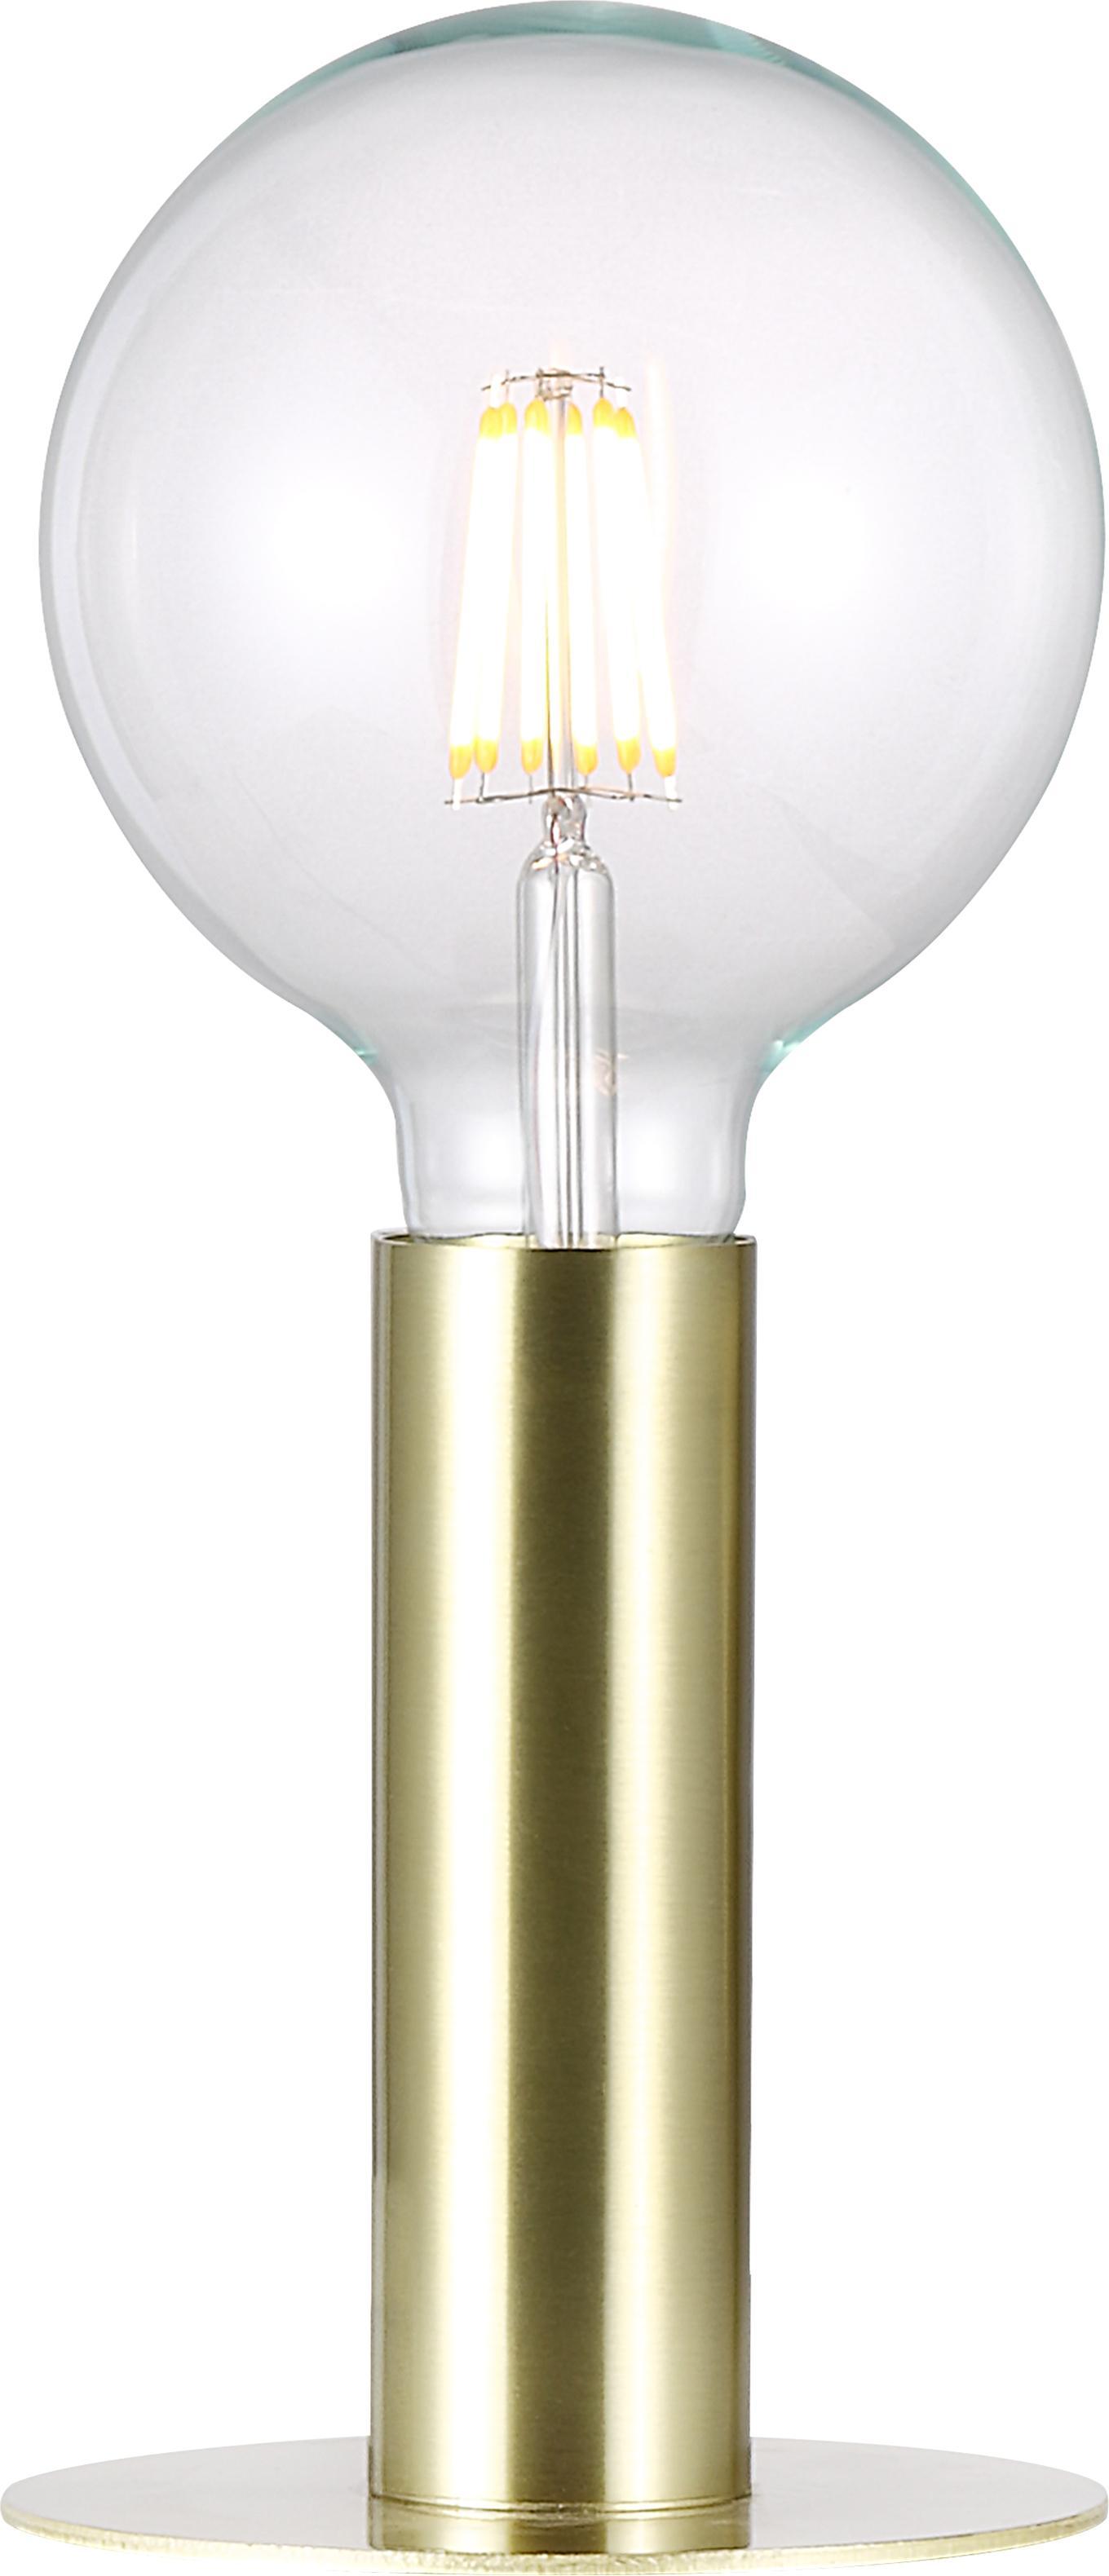 Tafellamp Dean van messing, Messing, Messingkleurig, Ø 13 x H 15 cm